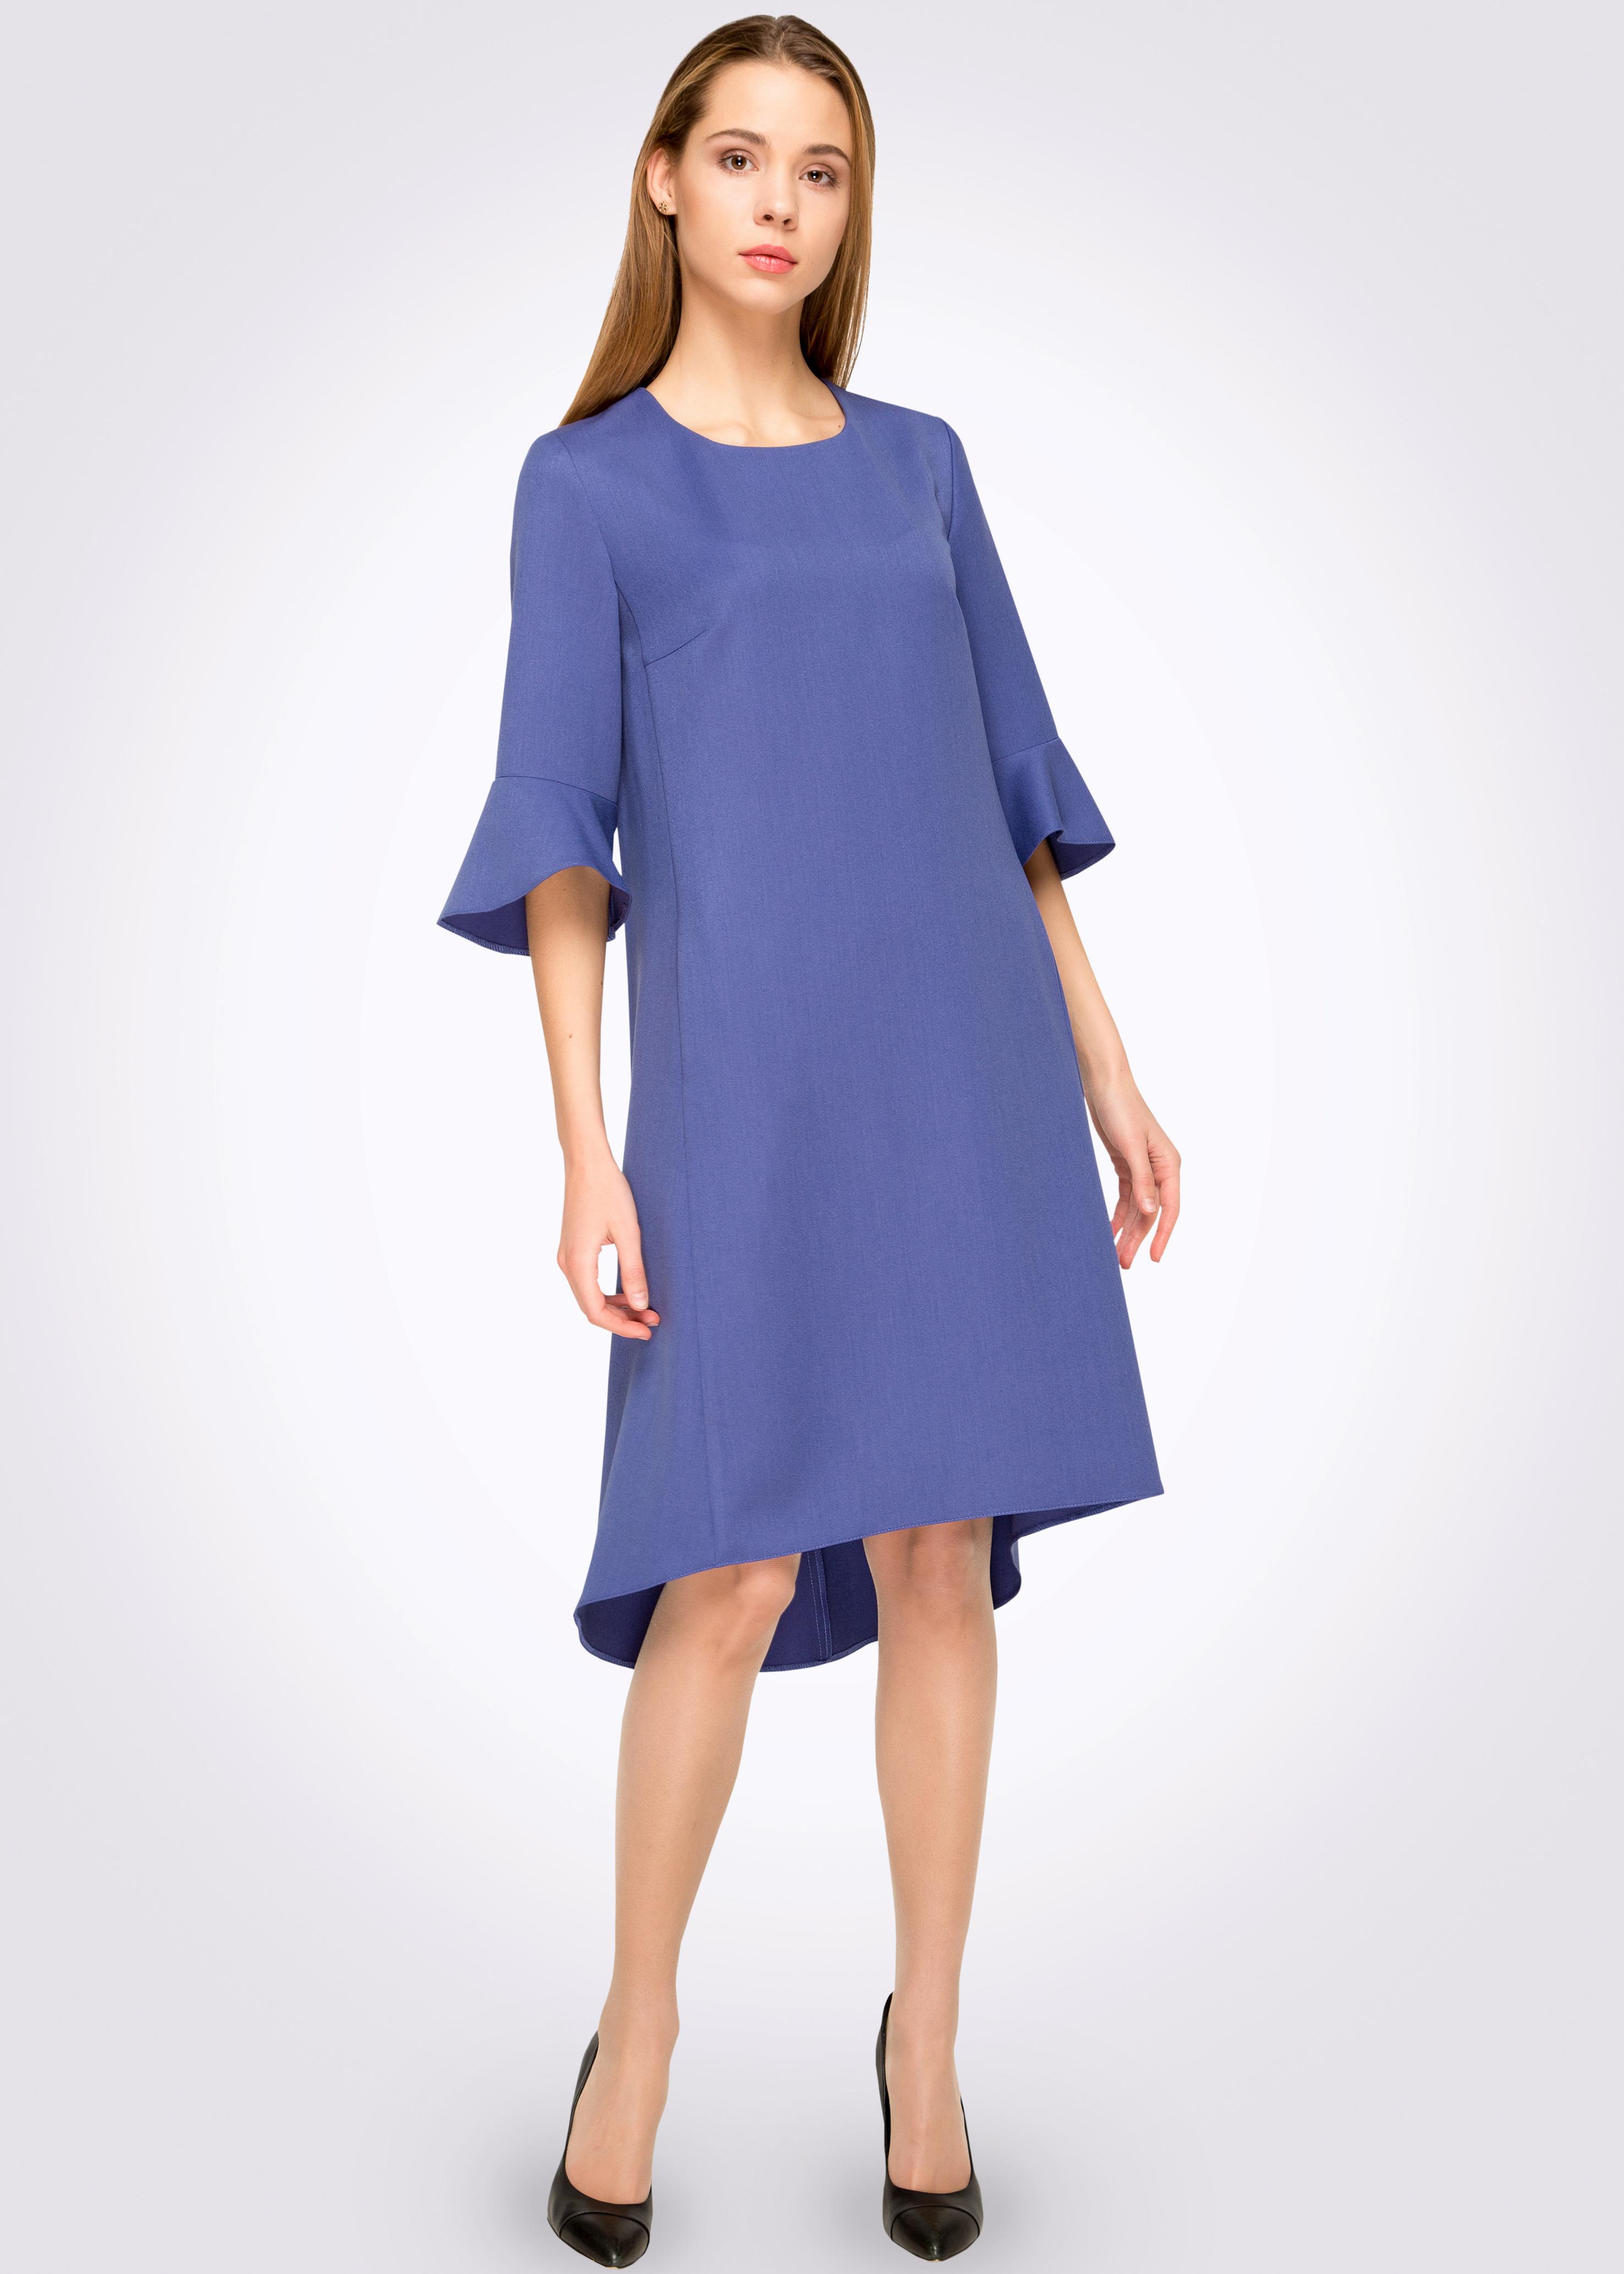 3dcfa2cd822a56c Что касается длины платья, то здесь все зависит от индивидуальных  предпочтений. Если хотите подчеркнуть красивые ножки, выбирайте короткое  платье или ...